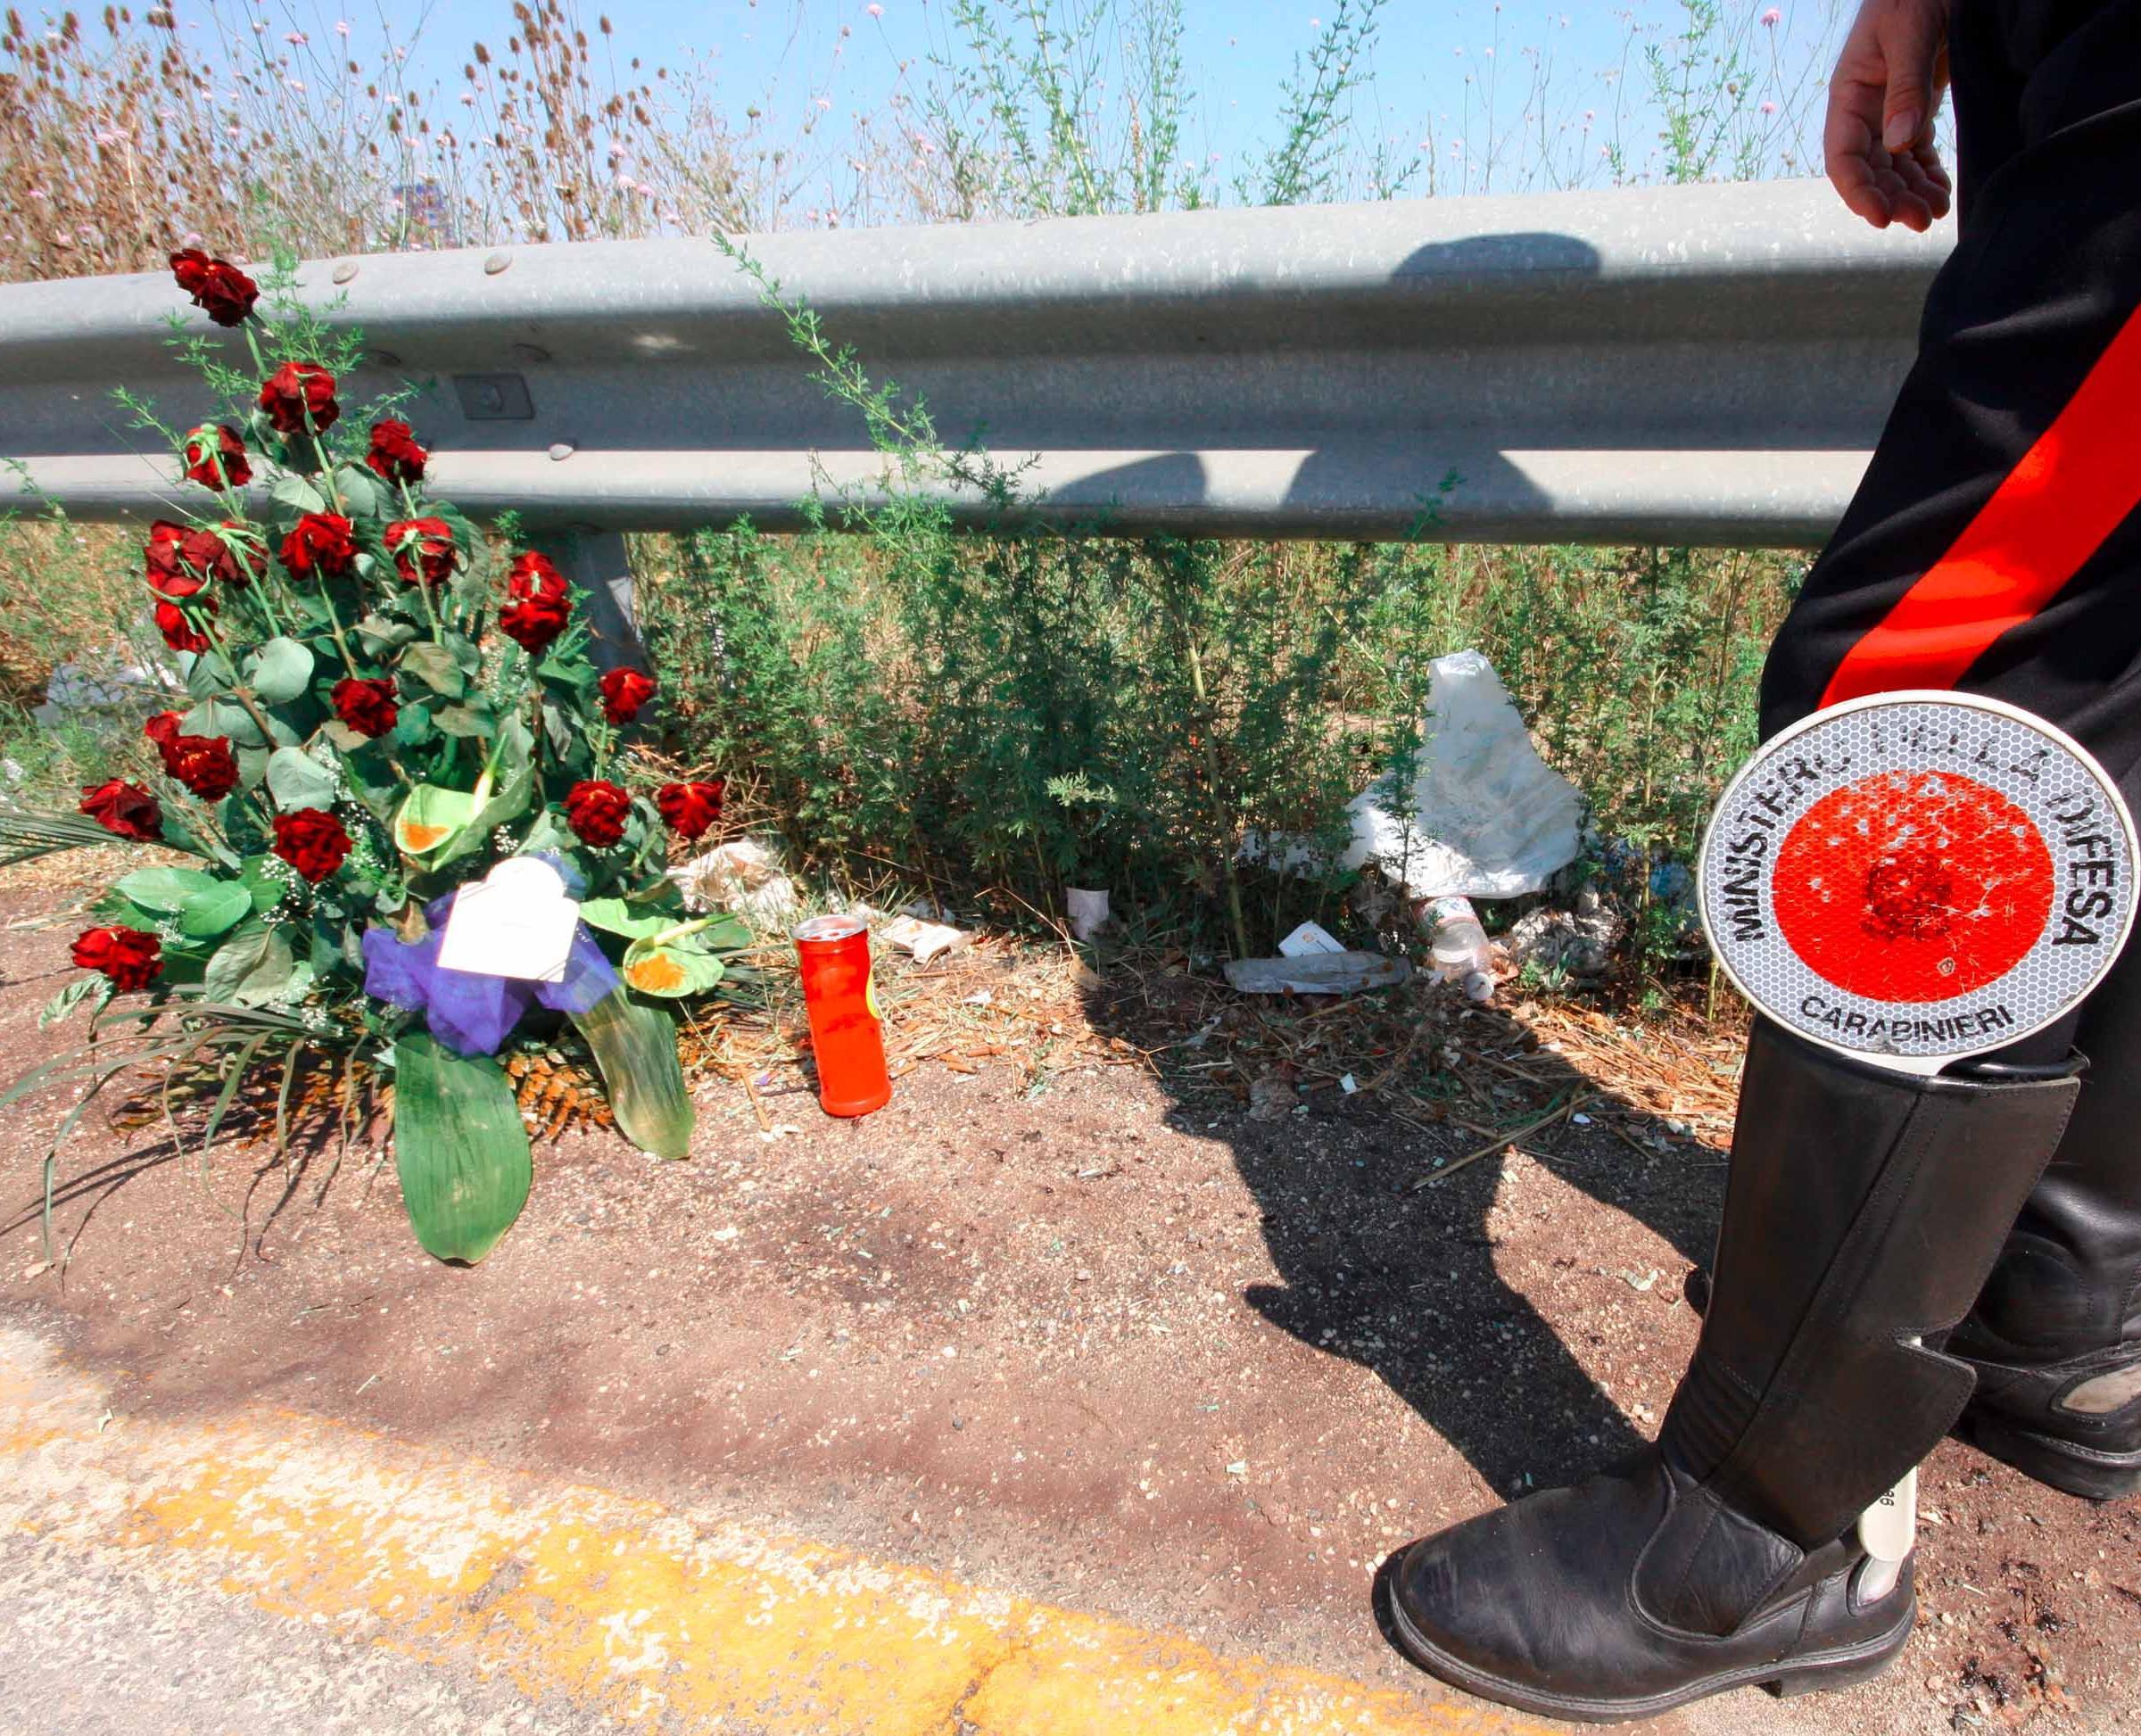 ansa - incidente stradale - ansa - incidente - 20090819 CASALE DI PRINCIPE (CASERTA) -CLJ- PIRATI STRADA: UCCIDE IMMIGRATO, IDENTIFICATO CON TELECAMERE . Fiori sul luogo dell'incidente stradale nel quale un camionista ha travolto un ragazzo del Burkina Faso che stava andando al lavoro nelle campagne di Casal di Principe (Caserta) sulla Nola-Villa Literno a bordo della sua bicicletta e poi è scappato senza soccorrerlo lasciandolo morire sull'asfalto. Il pirata della strada è stato arrestato questa notte dai carabinieri della compagnia di Casal di Principe. A.L., 22 anni, di San Marcellino, è ritenuto responsabile di omissione di soccorso e simulazione di reato poiché, nel tentativo di sviare le indagini, ha prodotto una falsa denuncia di furto del rimorchio del suo camion. La vittima, Zanre Kassim, era un immigrato con regolare permesso di soggiorno, aveva la residenza in provincia di Pordenone, ma da qualche giorno si trovava nel casertano per lavorare.  ANSA/CESARE ABBATE/ JI